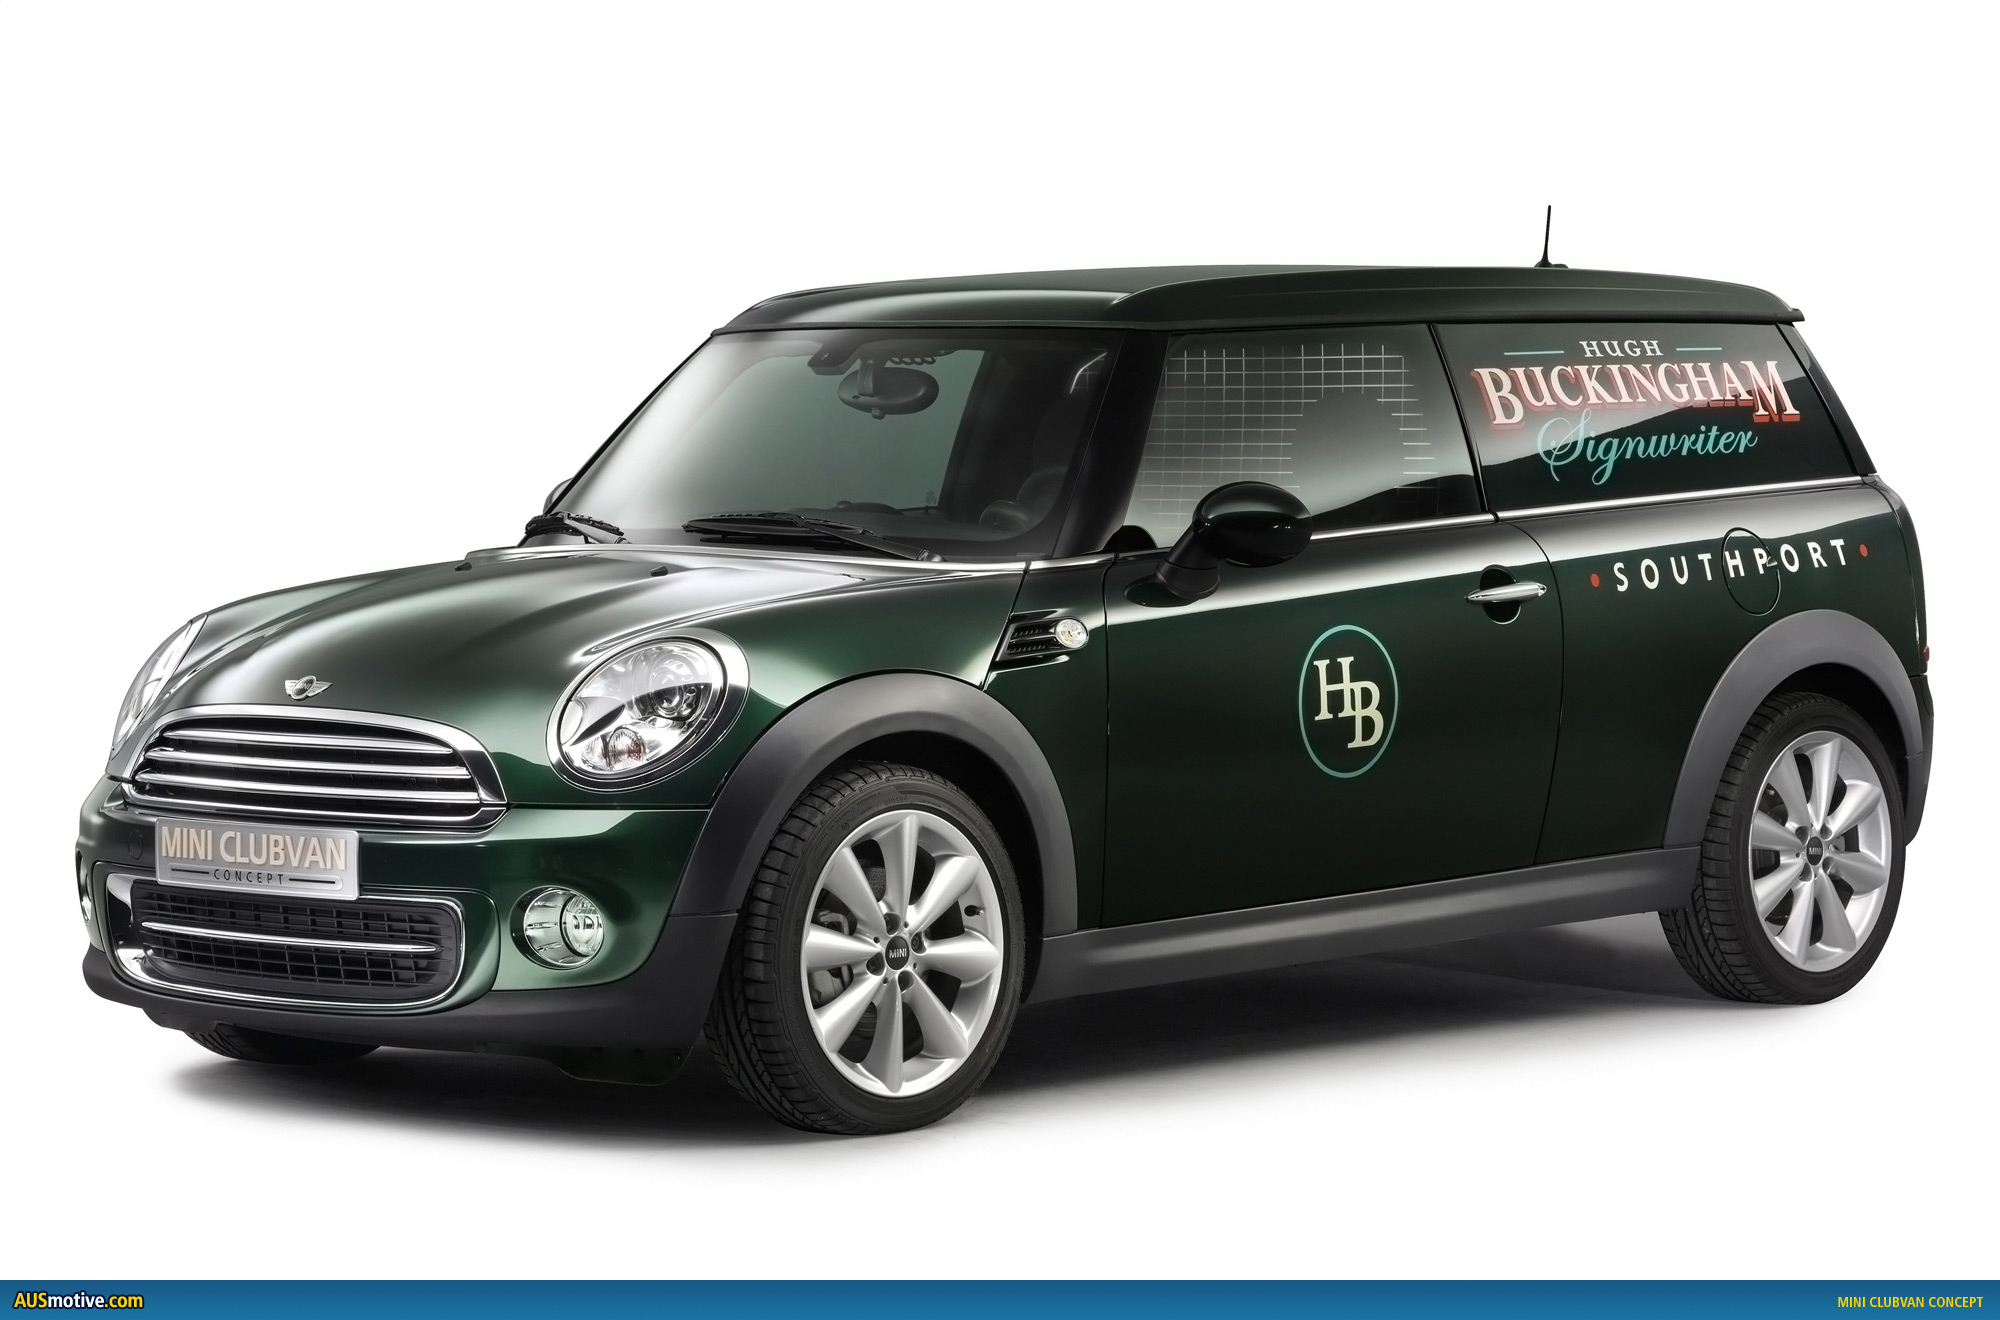 2013 Mini Clubvan Revealed for U.S. Market - MotorTrend  Mini Clubvan